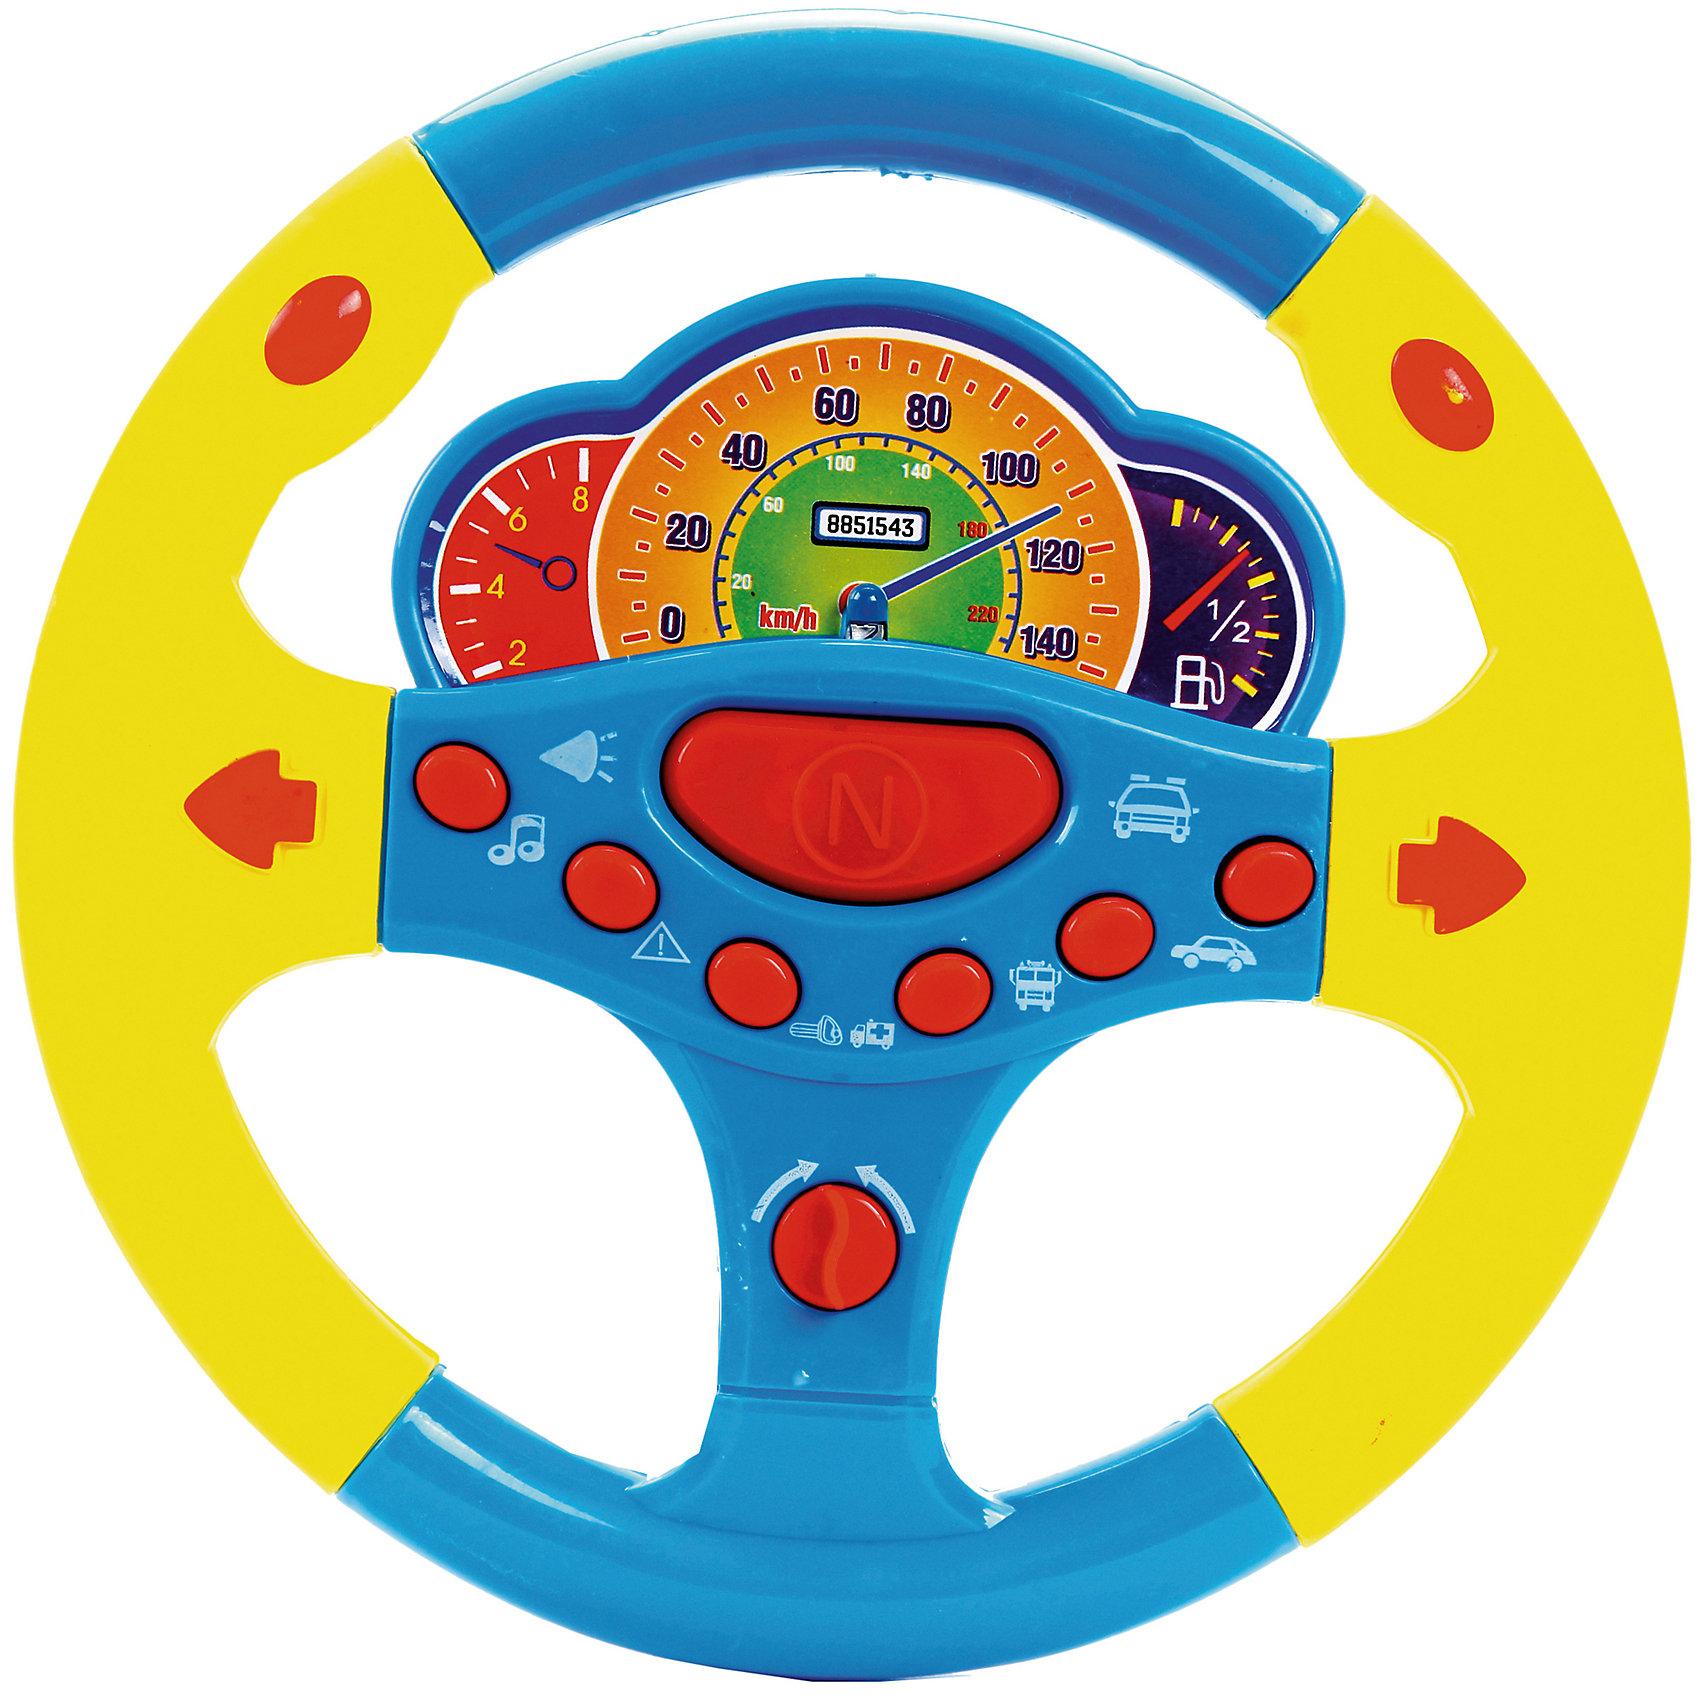 Руль музыкальный Веселые гонки, со светом и звуком, Shantou GepaiИнтерактивные игрушки для малышей<br>Руль музыкальный Веселые гонки, со светом и звуком, Shantou Gepai – это веселый многофункциональный руль с которым так весело играть и развиваться! Руль оснащен приборной панелью с датчиками топлива, спидометром и тахометром. У Руля в арсенале имеются забавные фразы с рекомендациями повернуть направо, налево, включить радио или не отвлекаться в дороге. Стильный дизайн руля как у гоночной машины придет по вкусу маленькому водителю, а функции игрового руля помогут развить моторику рук, память, внимание и воображение.<br>Дополнительная информация:<br><br>- В комплект входит: 1 руль<br>- Материал: АБС пластик<br>- Необходимы три батарейки типа АА (не входят в комплект)<br>- Размер: 21,5 20 3 см.<br><br>Руль музыкальный Веселые гонки, со светом и звуком, Shantou Gepai можно купить в нашем интернет-магазине.<br><br>Подробнее:<br>• Для детей в возрасте: от 3 до 6 лет<br>• Номер товара: 4925597<br>Страна производитель: Китай<br><br>Ширина мм: 210<br>Глубина мм: 20<br>Высота мм: 260<br>Вес г: 93<br>Возраст от месяцев: 36<br>Возраст до месяцев: 72<br>Пол: Унисекс<br>Возраст: Детский<br>SKU: 4925597